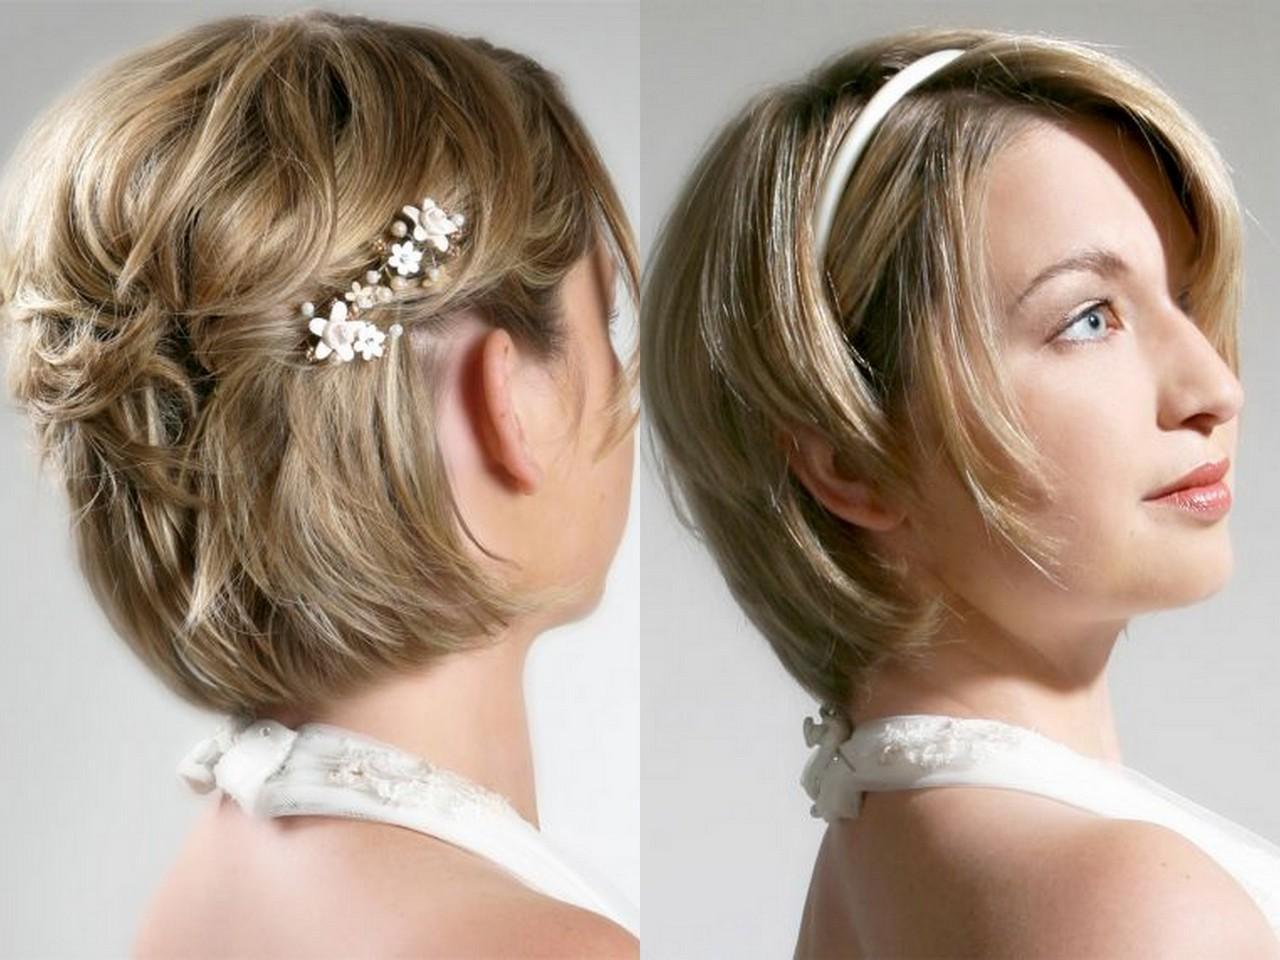 Праздничные прически на короткие волосы: 10 фото 91